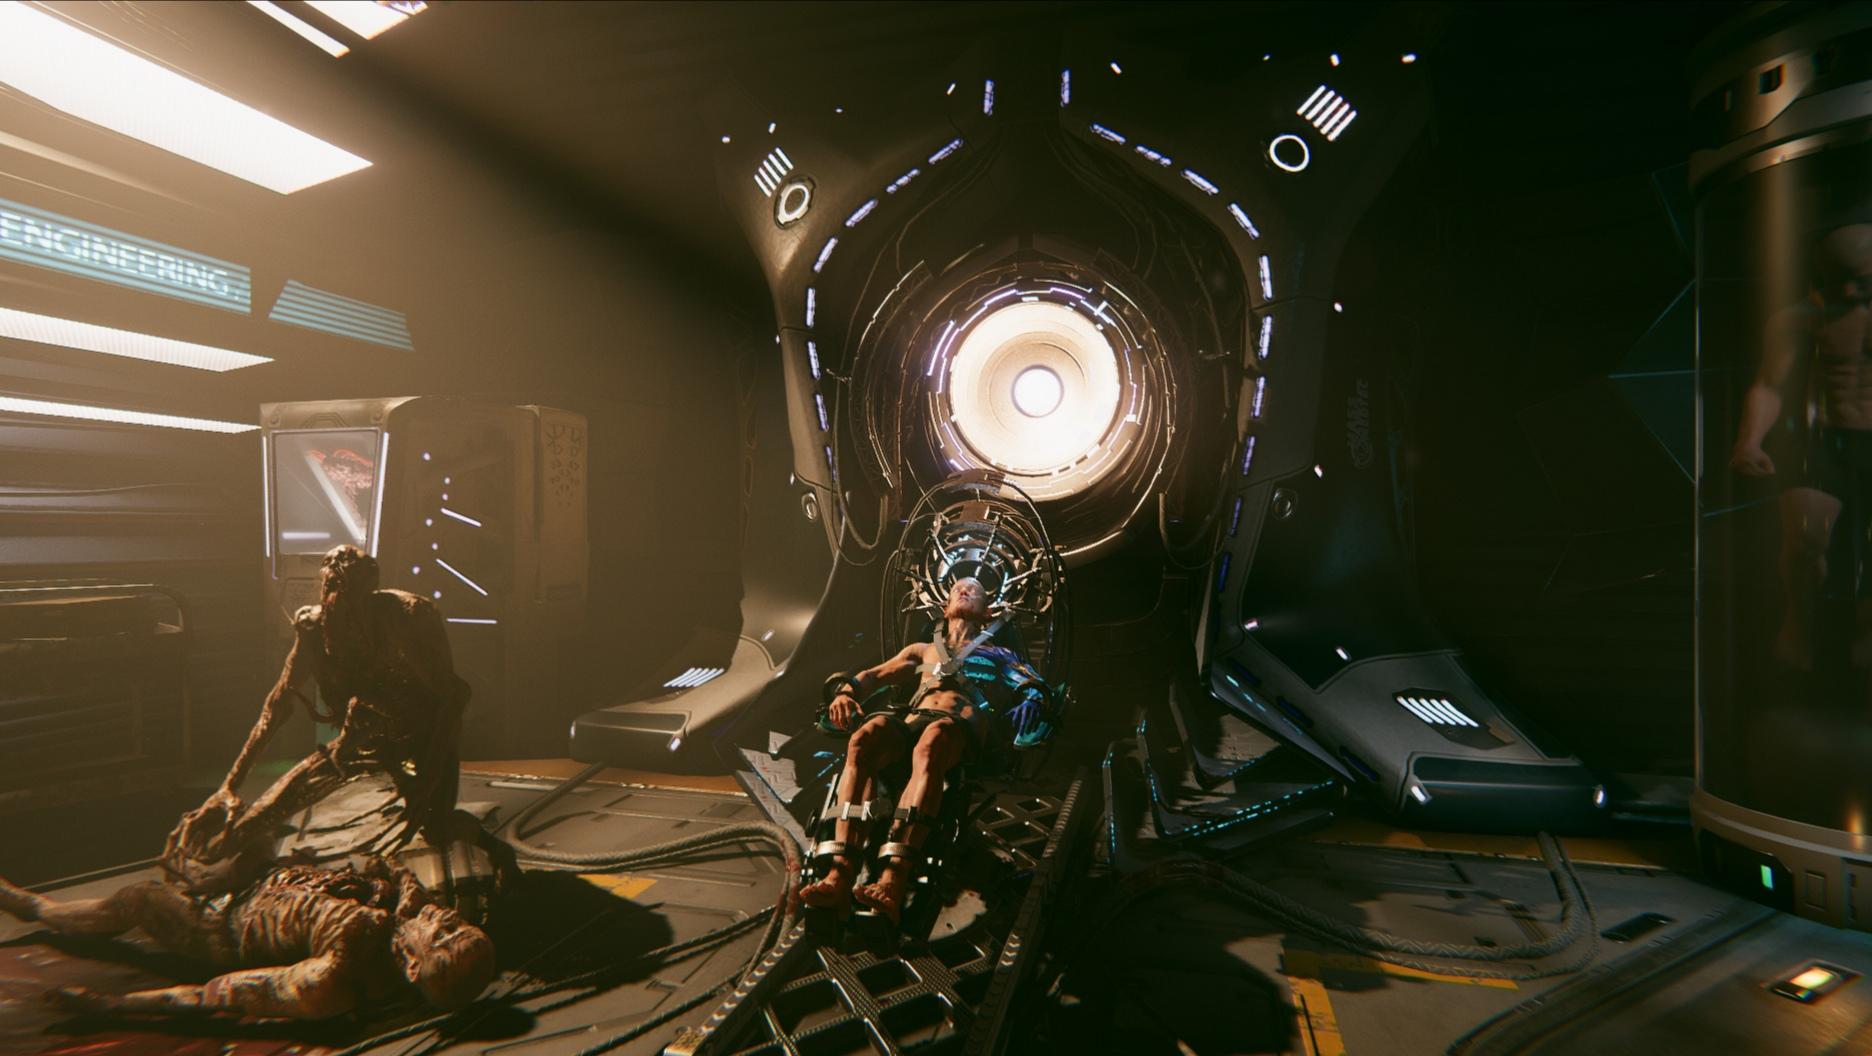 Vývoj System Shock 3 zastaven. Vývojářský tým byl rozpuštěn